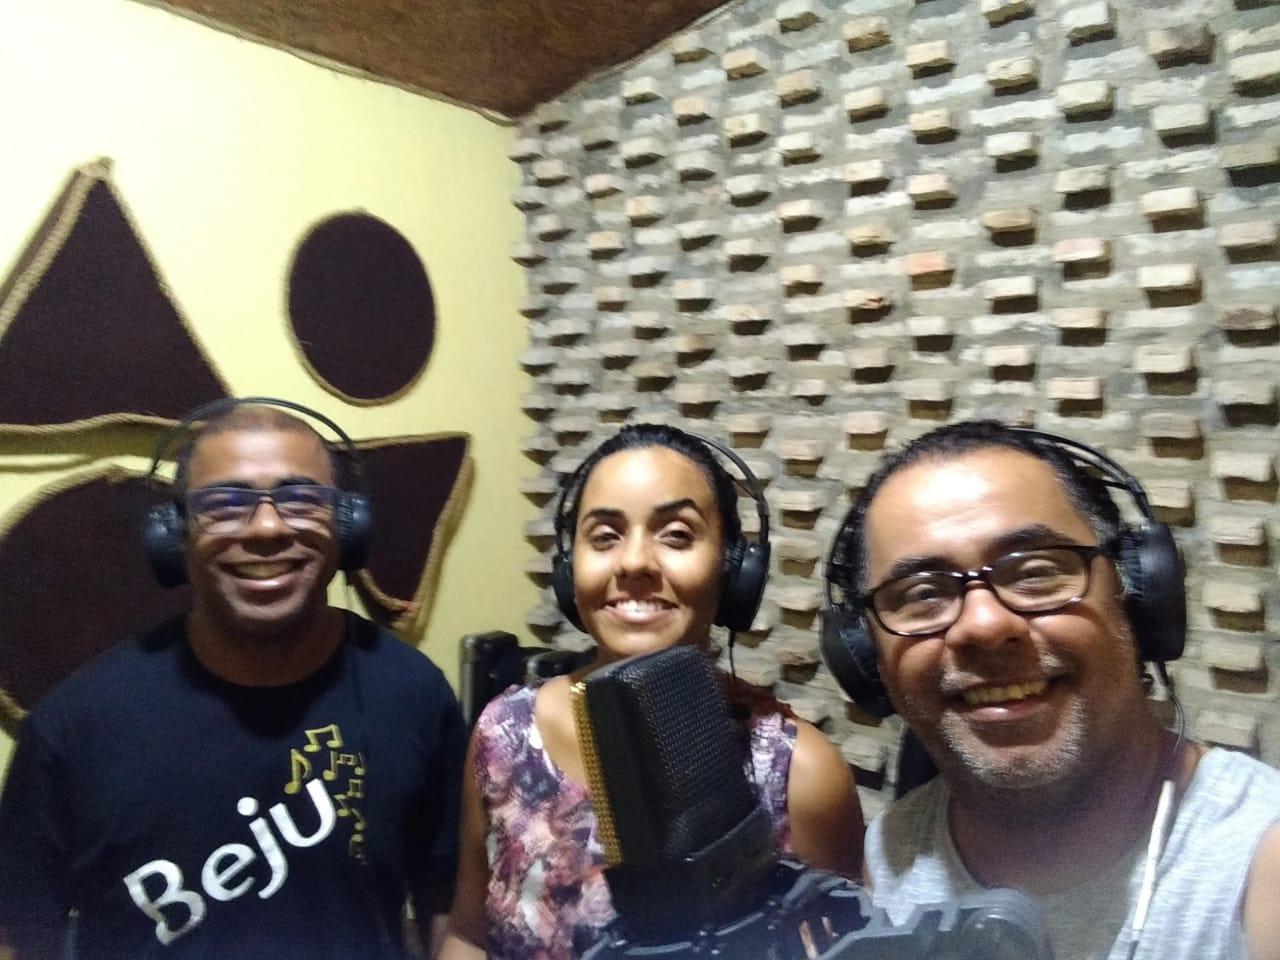 Beju Produções comemora 12 anos com presença de artistas